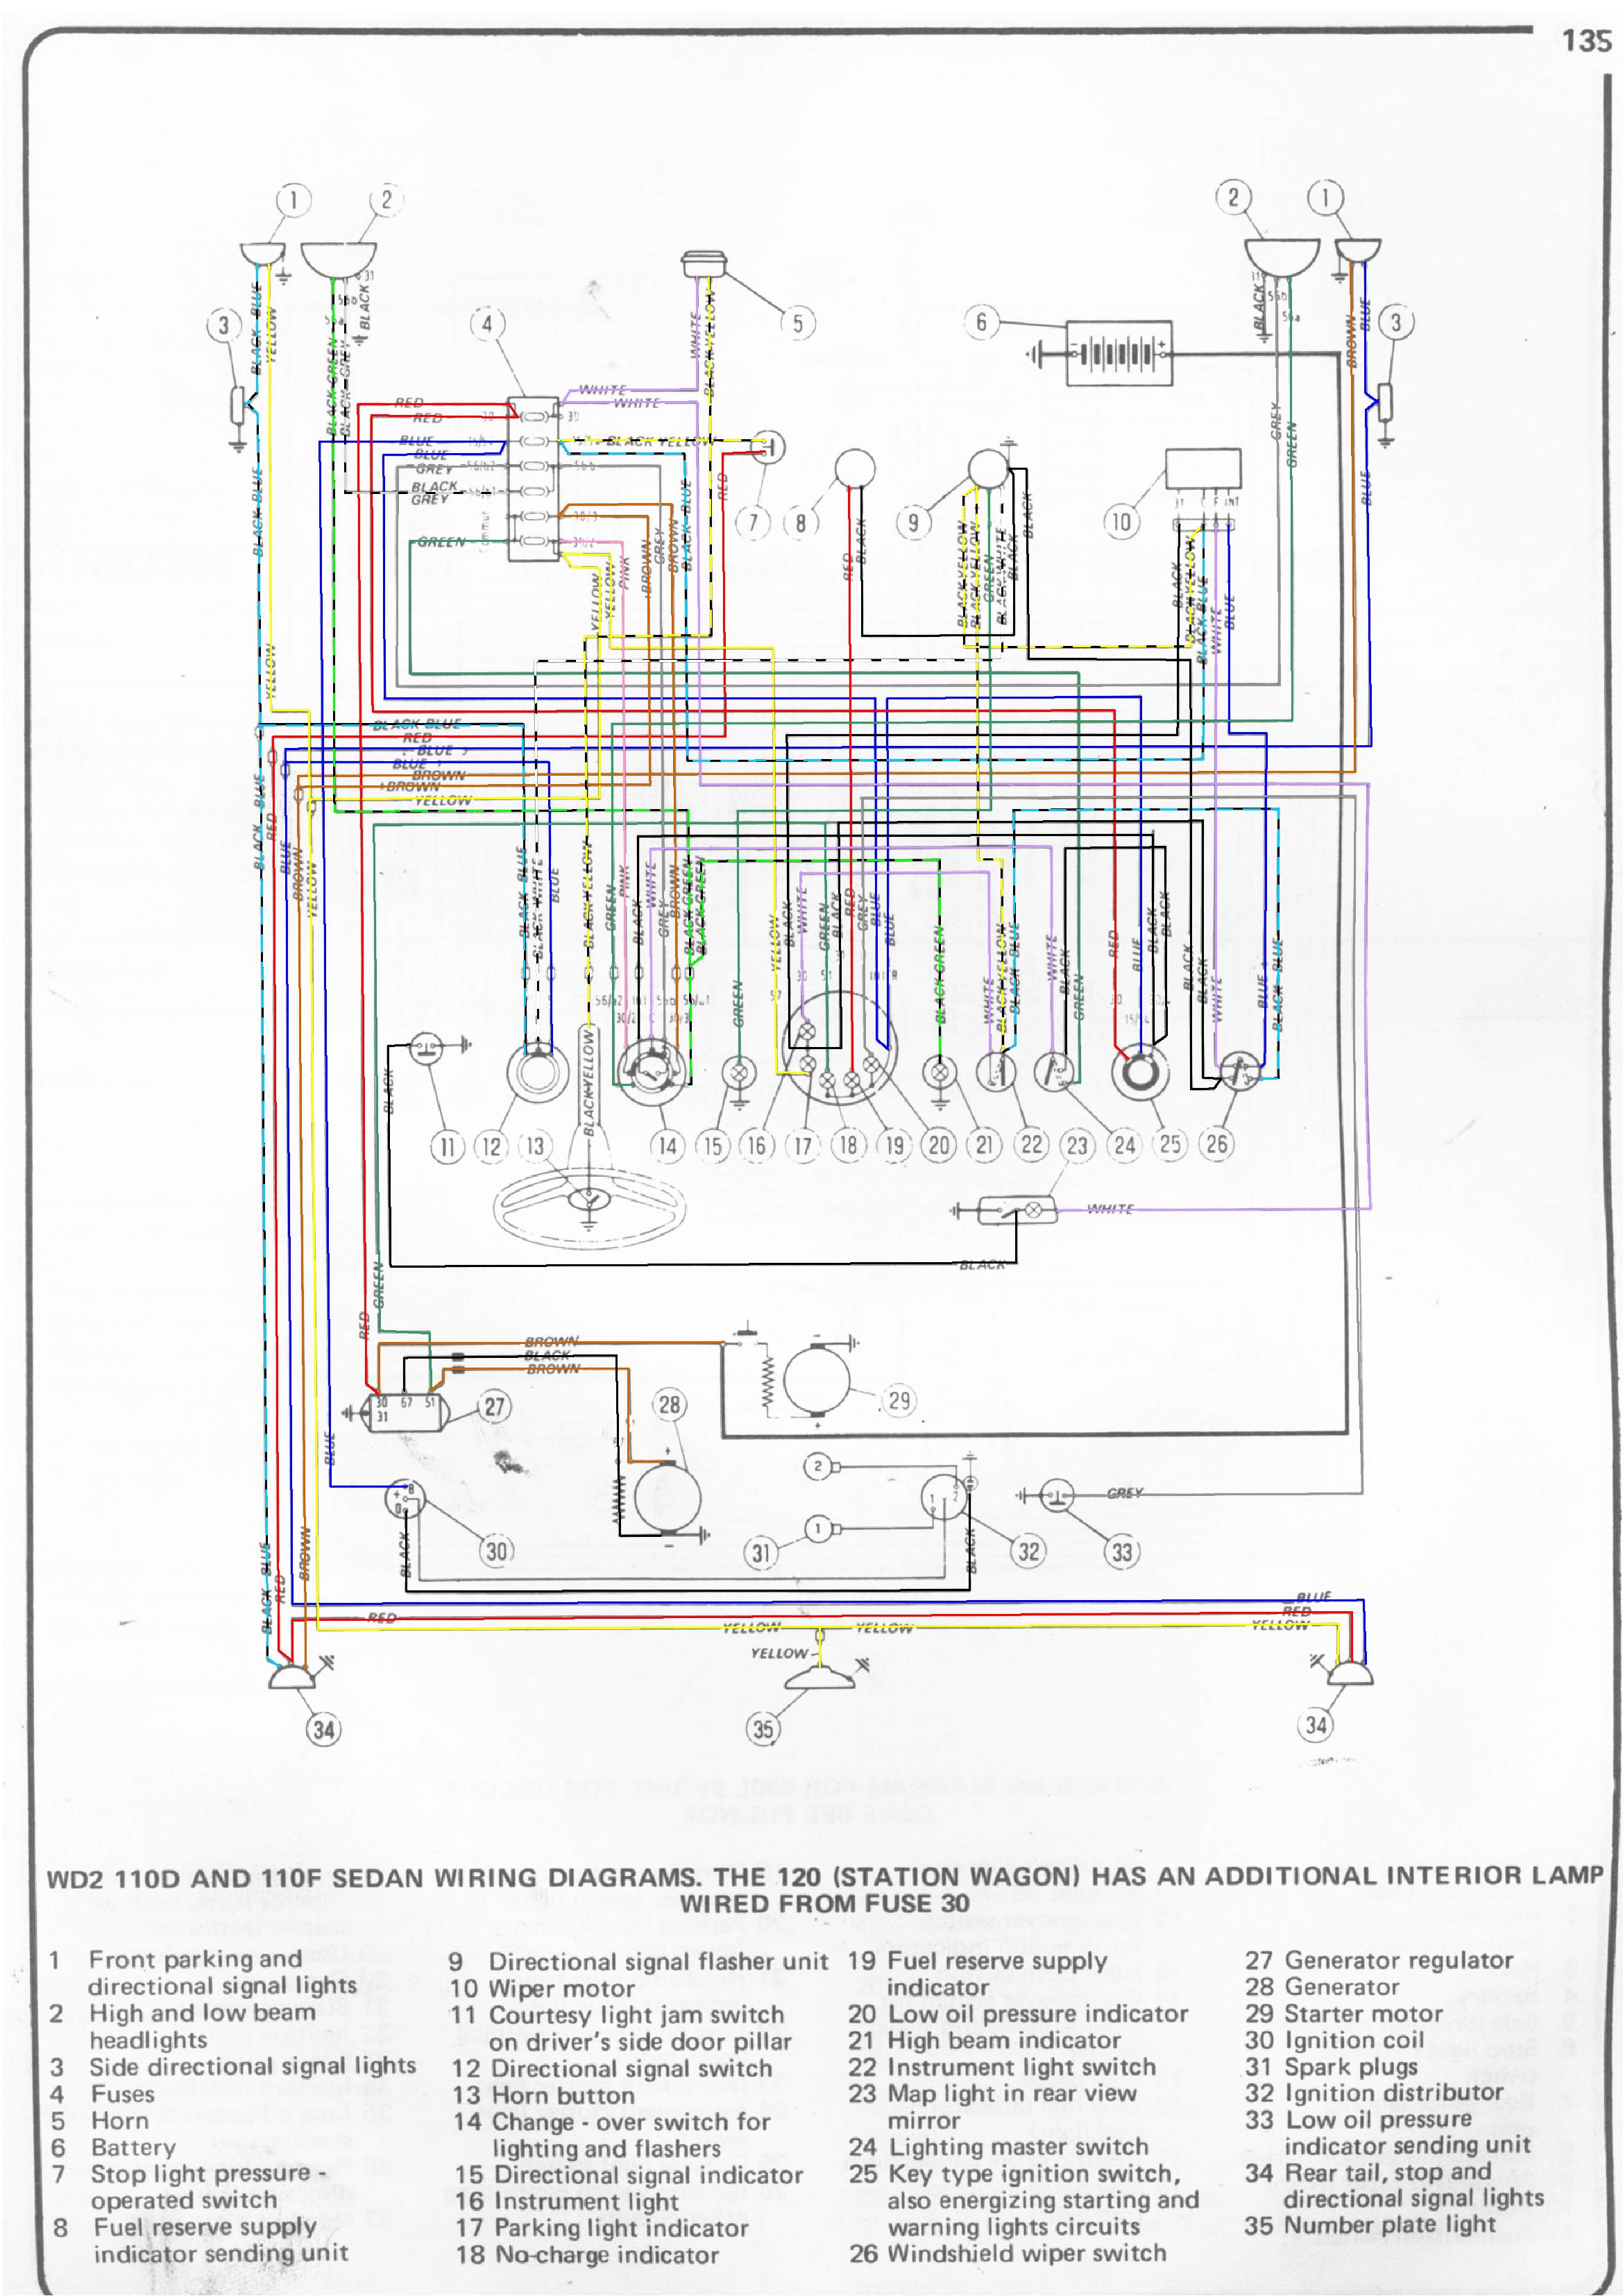 Cool Fiat Regata Wiring Diagram Basic Electronics Wiring Diagram Wiring 101 Carnhateforg